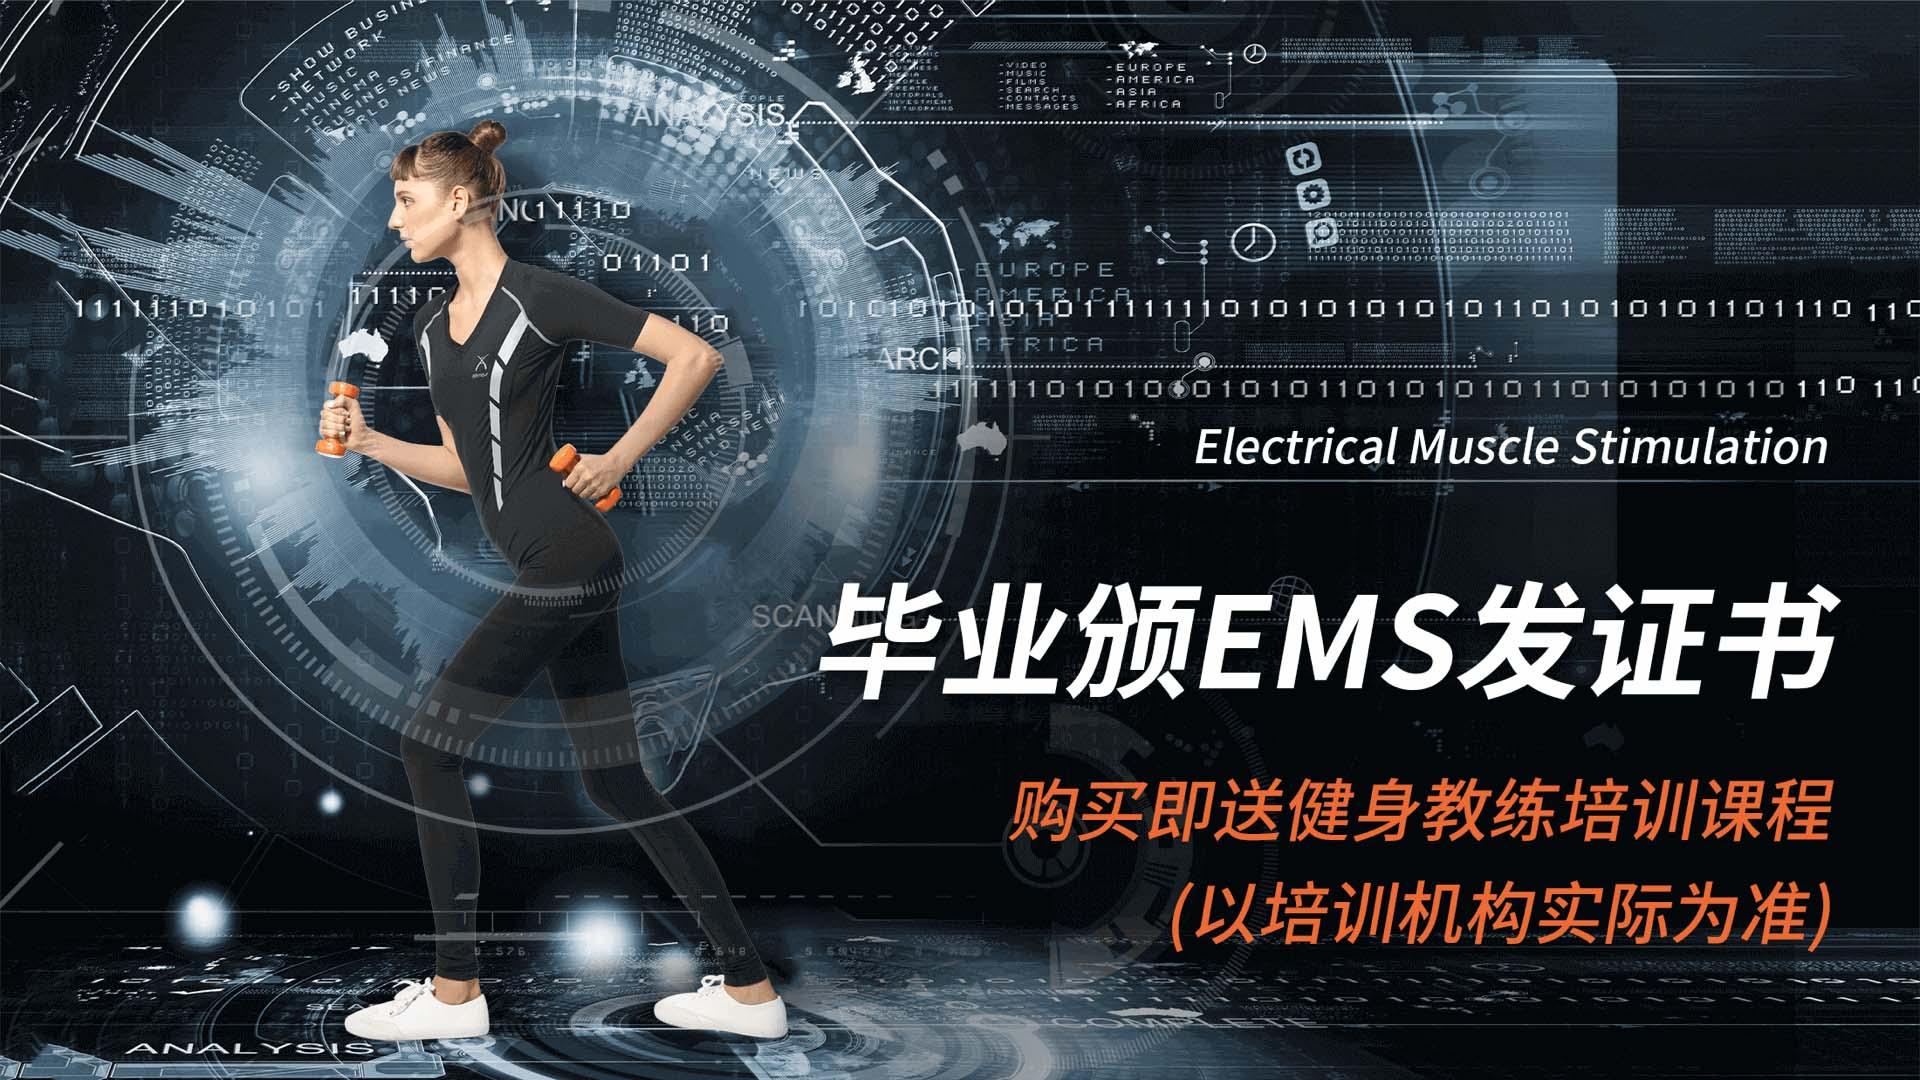 EMS健身教练认证课程,赠送EMS智能健身衣